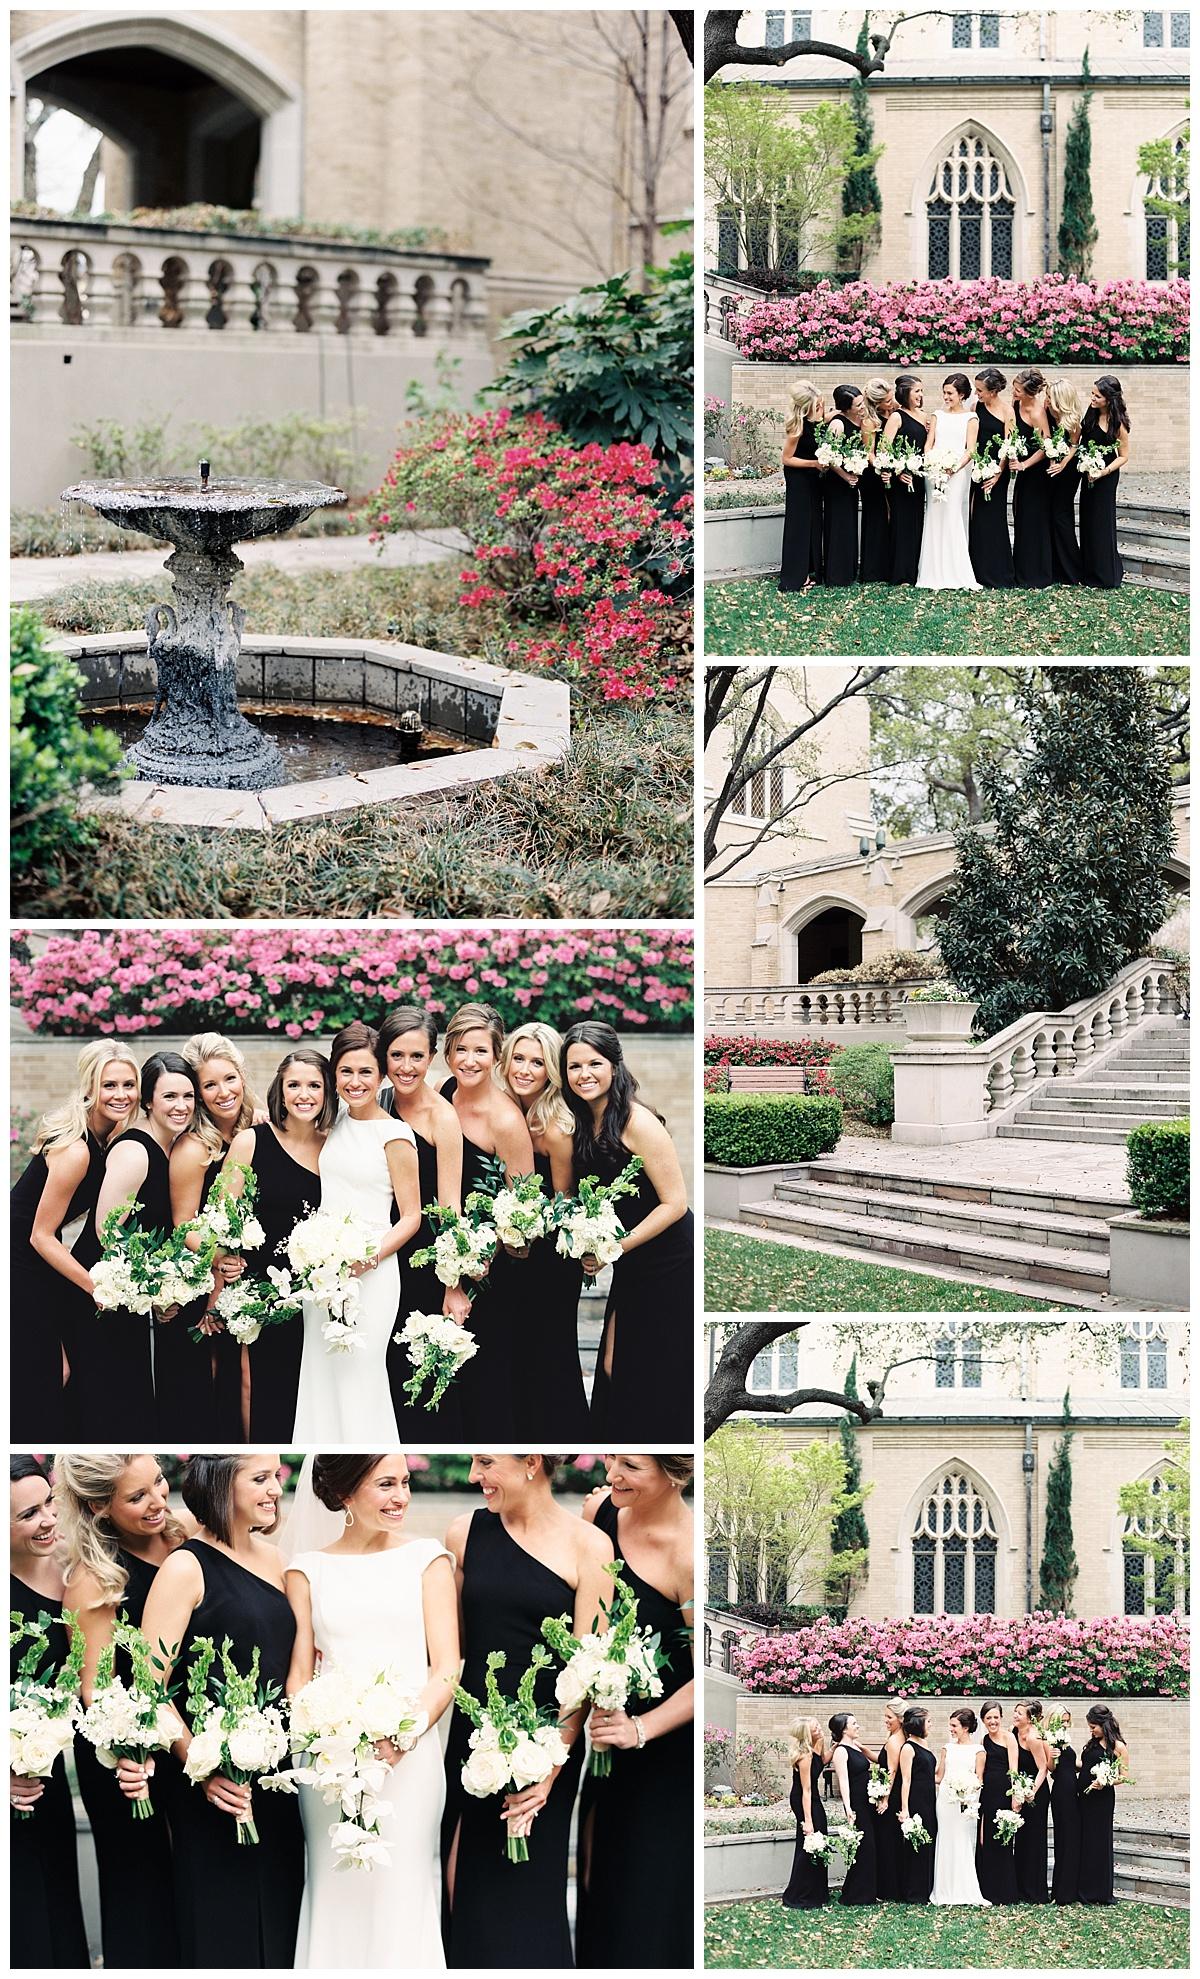 dallas-country-club-wedding-ar-photography-7.jpg